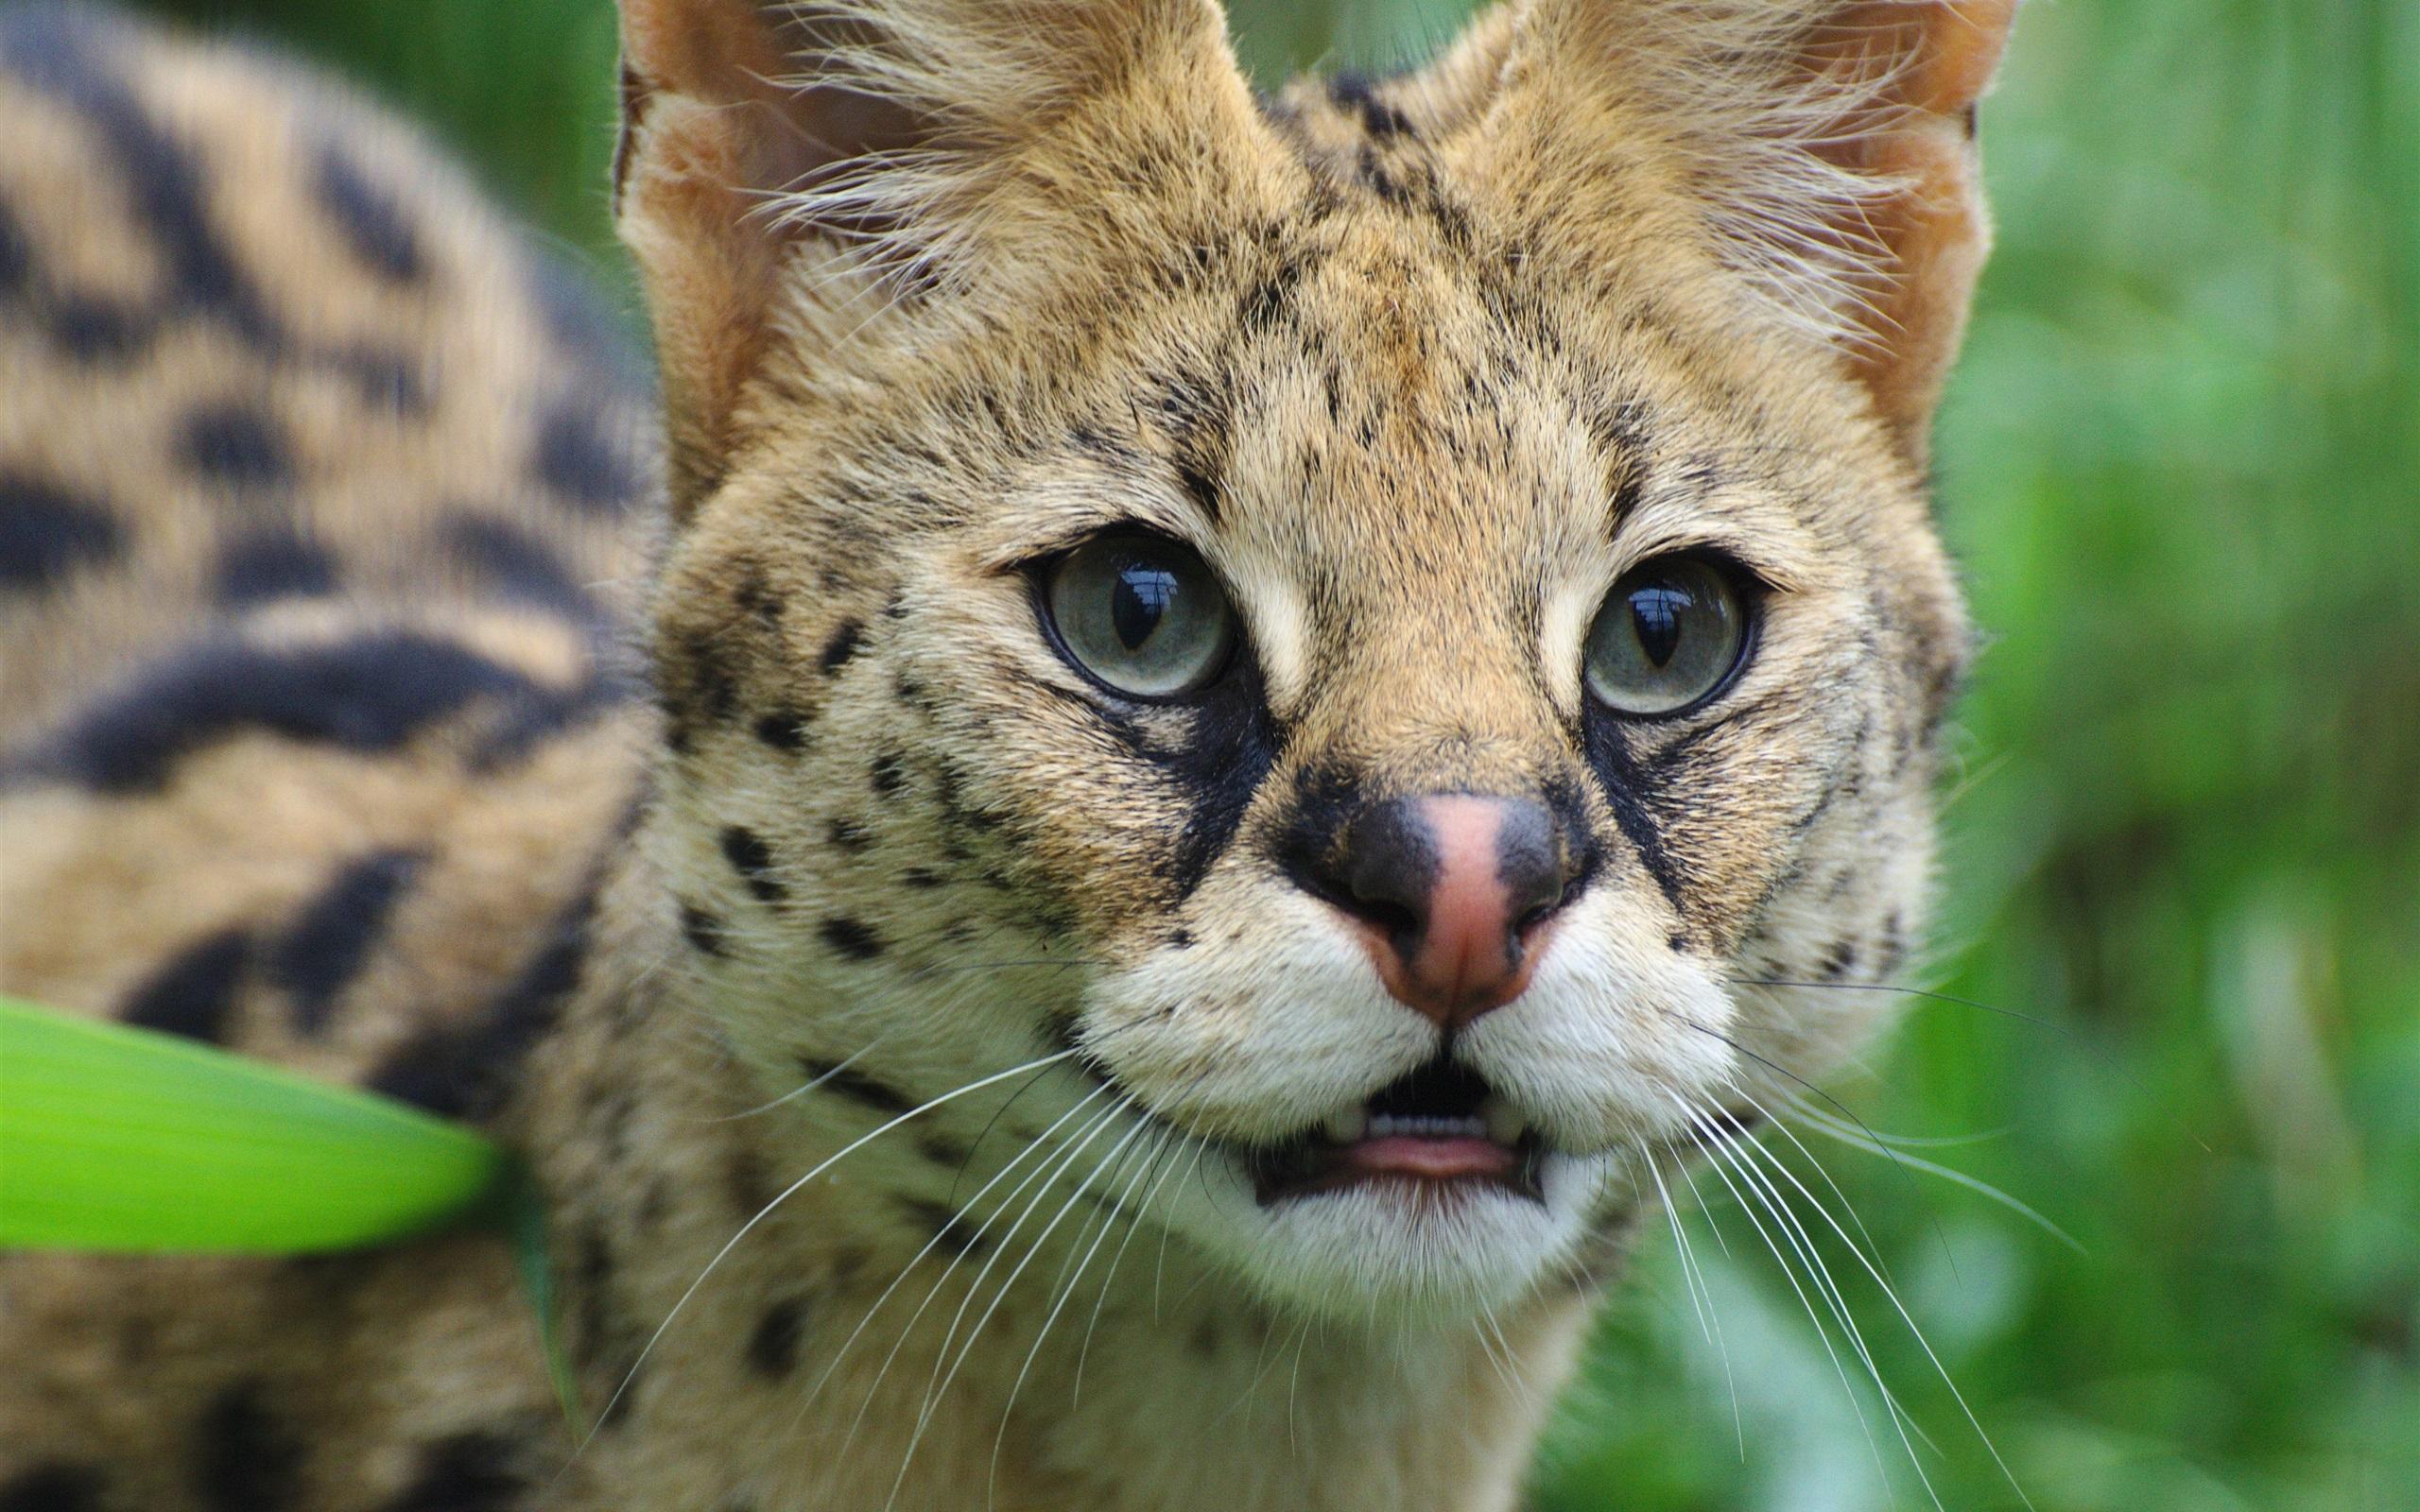 壁紙 かわいいサーバル 野生の猫 顔 目 2560x1600 Hd 無料の